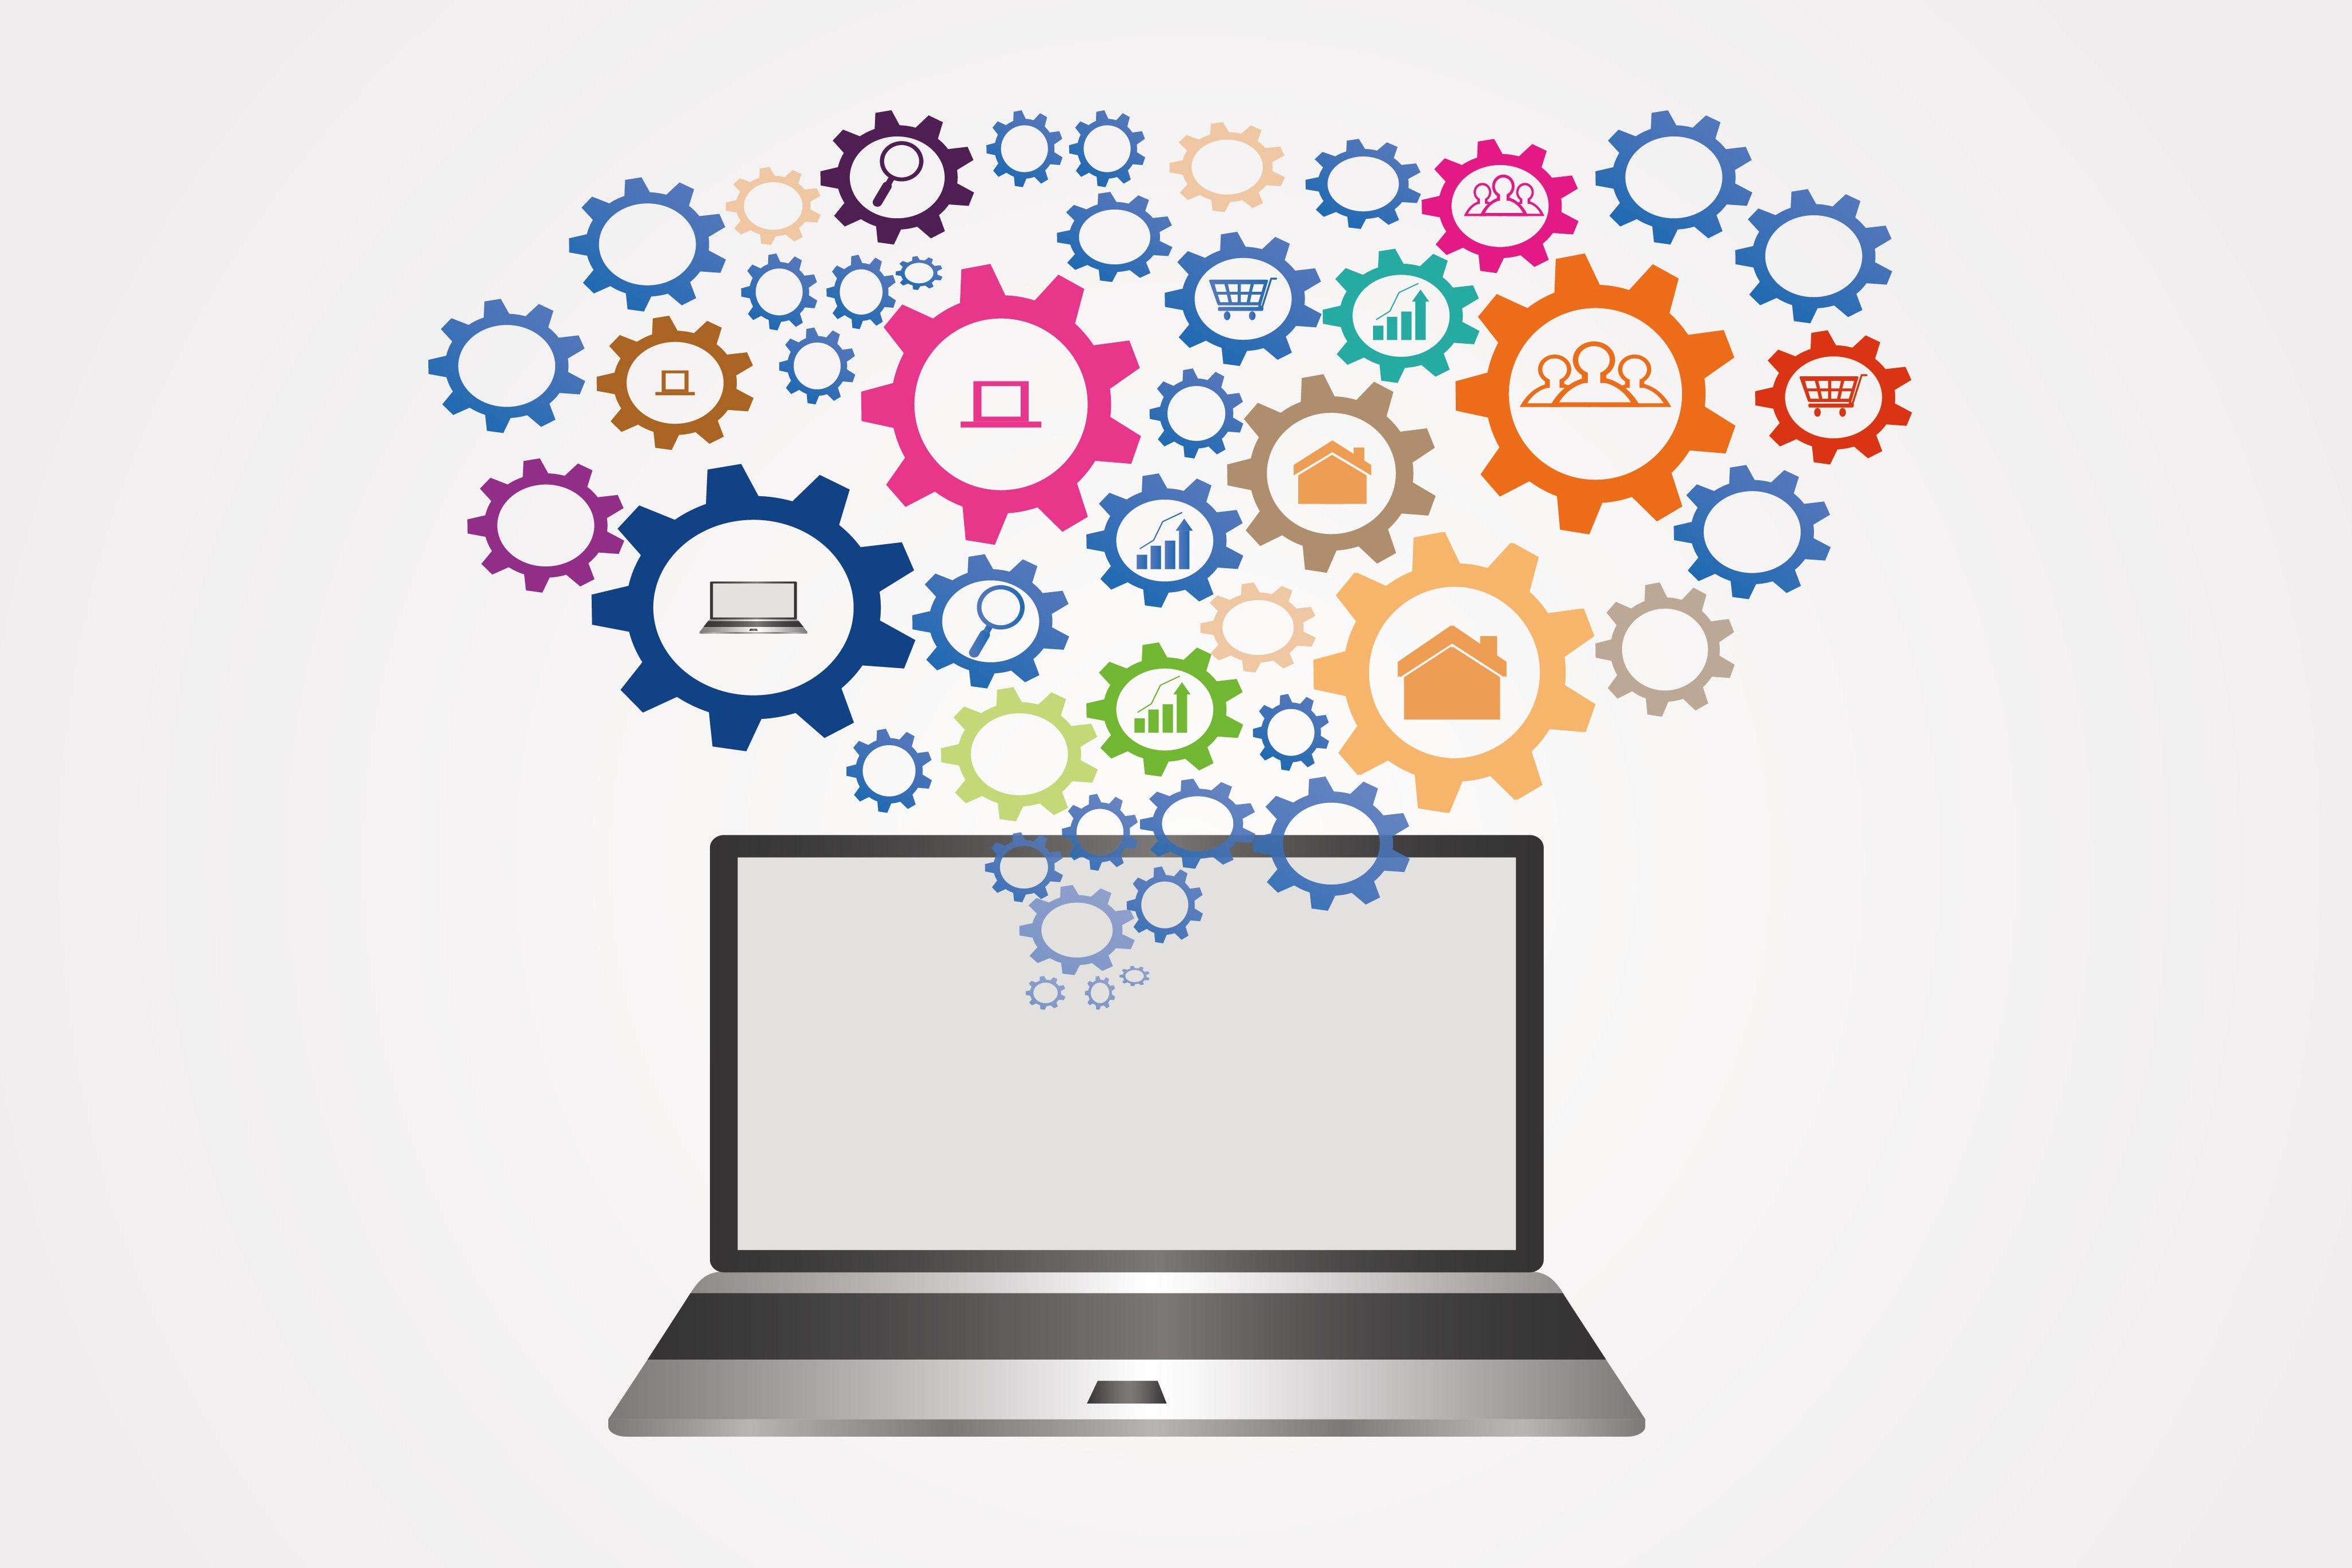 5 Reasons Desktop-as-a-Service (DaaS) Will Be Huge in 2016